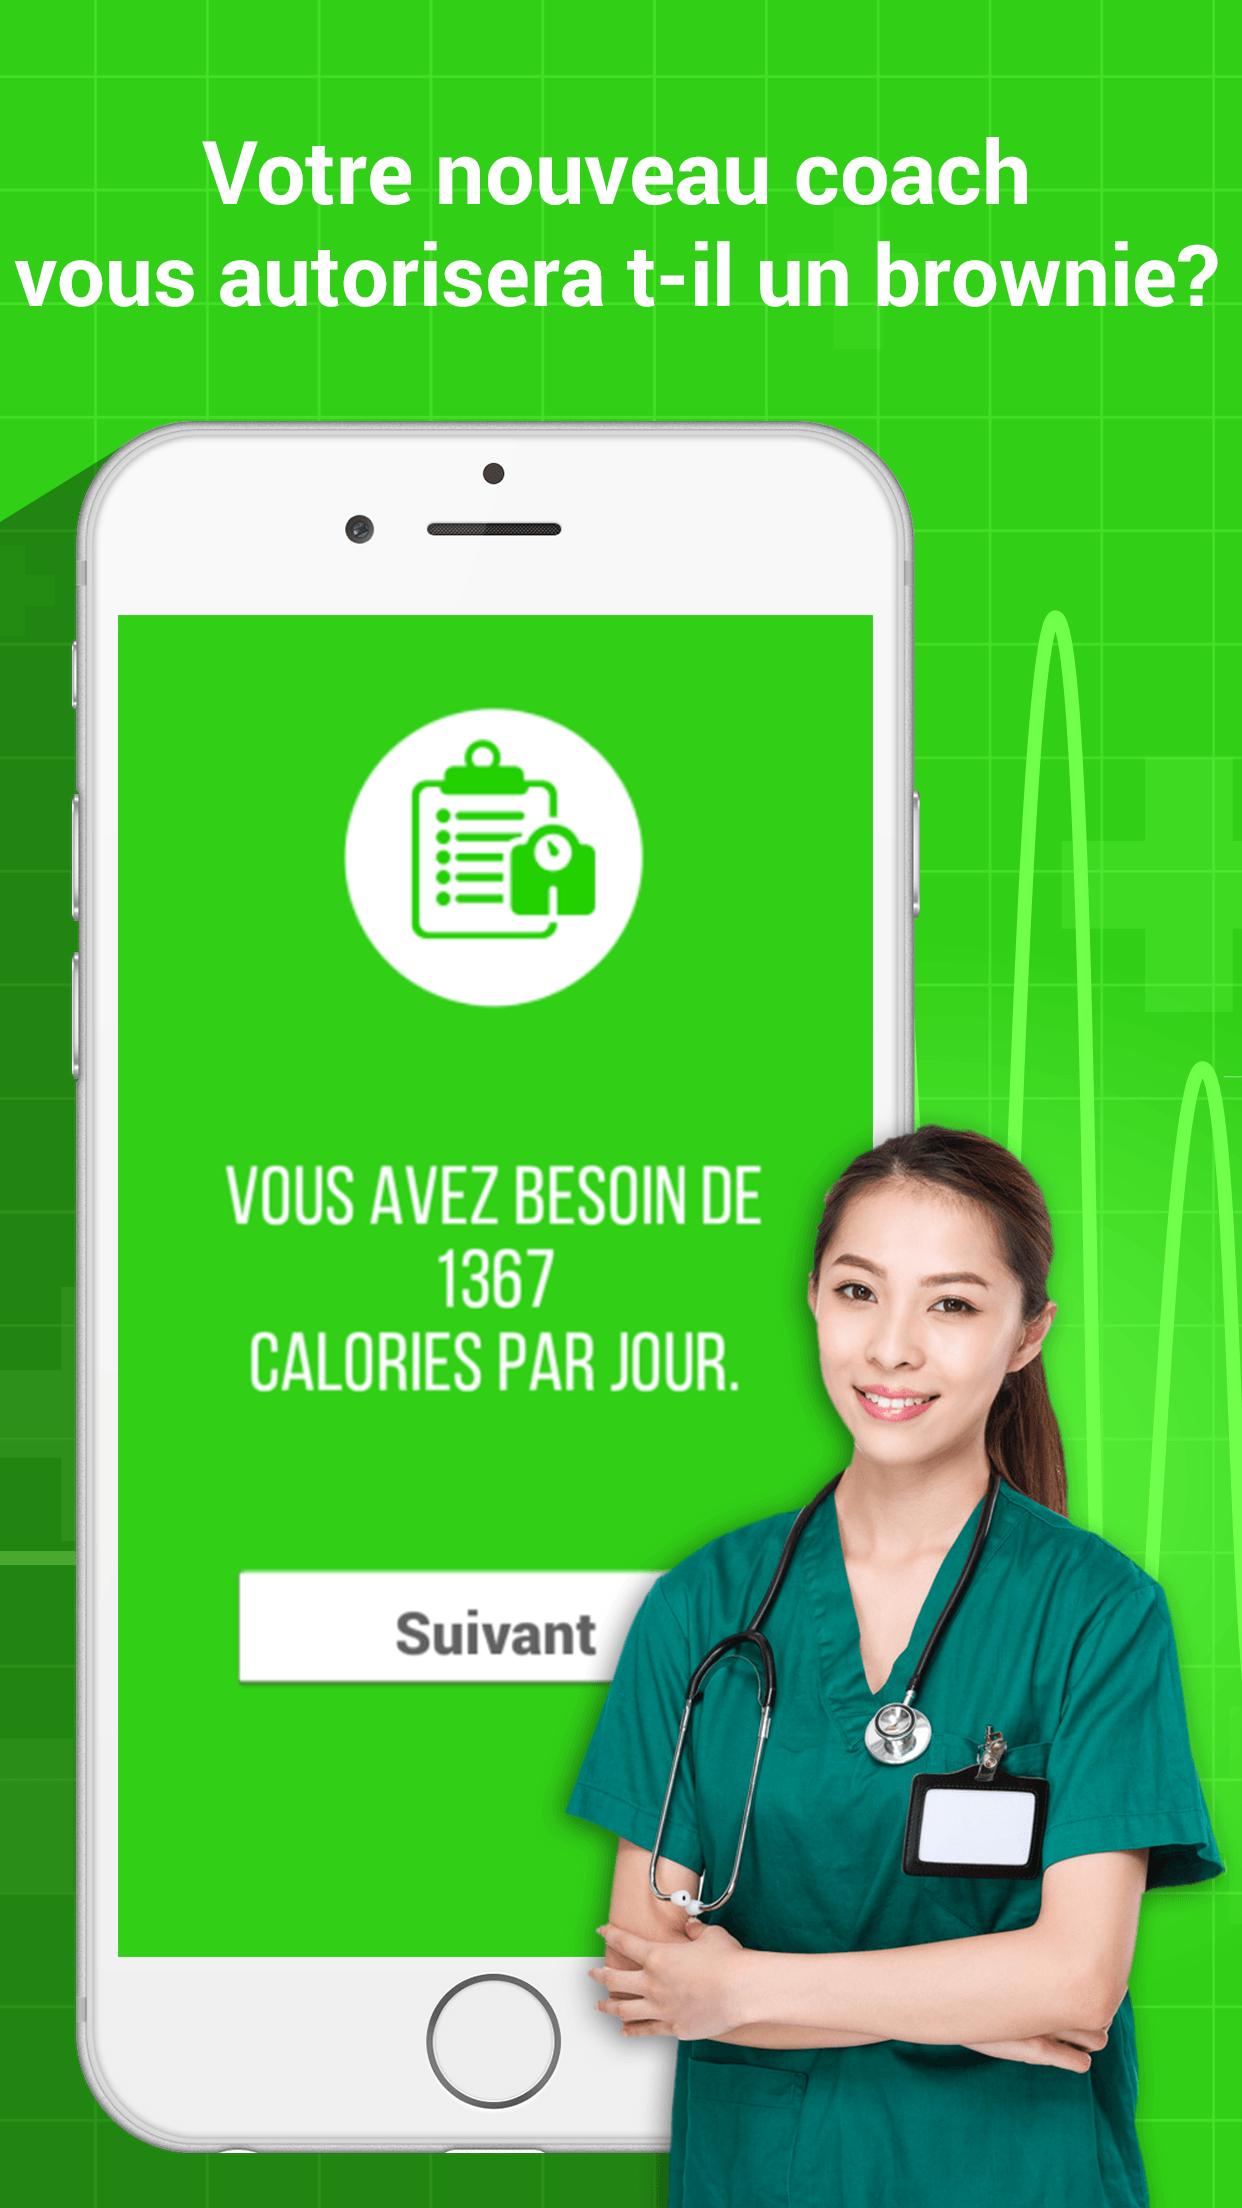 screenshot données compteur de calories fitness +